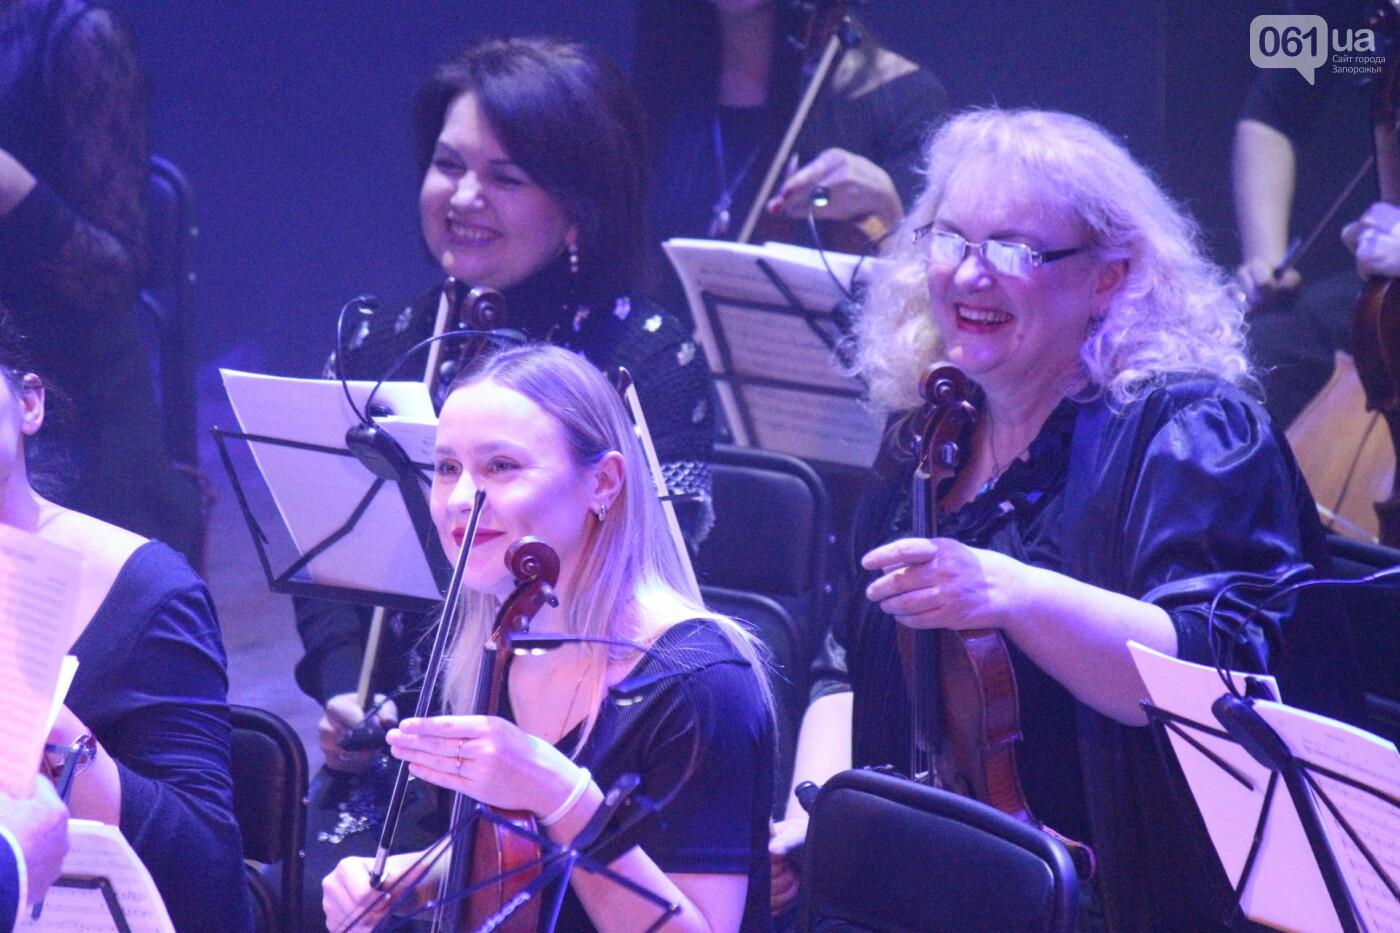 В Запорожье группа «Скрябин» сыграла лучшие хиты с симфоническим оркестром, – ФОТОРЕПОРТАЖ, фото-12